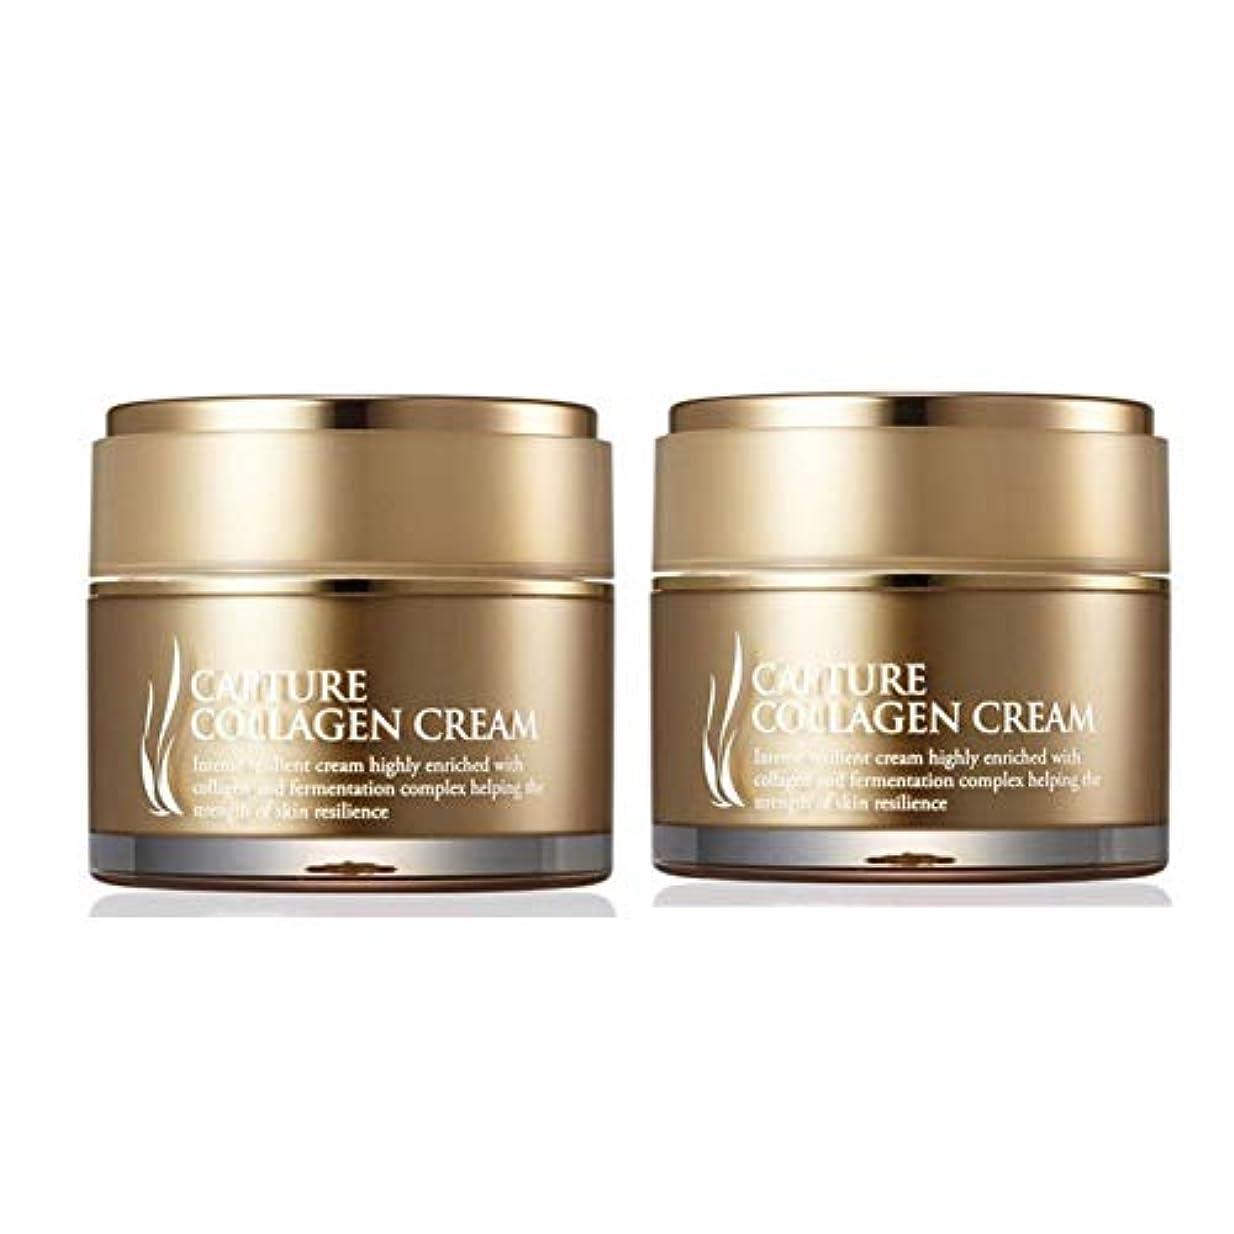 セールスマンスリーブサミュエルAHCキャプチャコラーゲンクリーム50ml x 2本セット肌の弾力性を強化し、AHC Capture Collagen Cream 50ml x 2ea Set [並行輸入品]